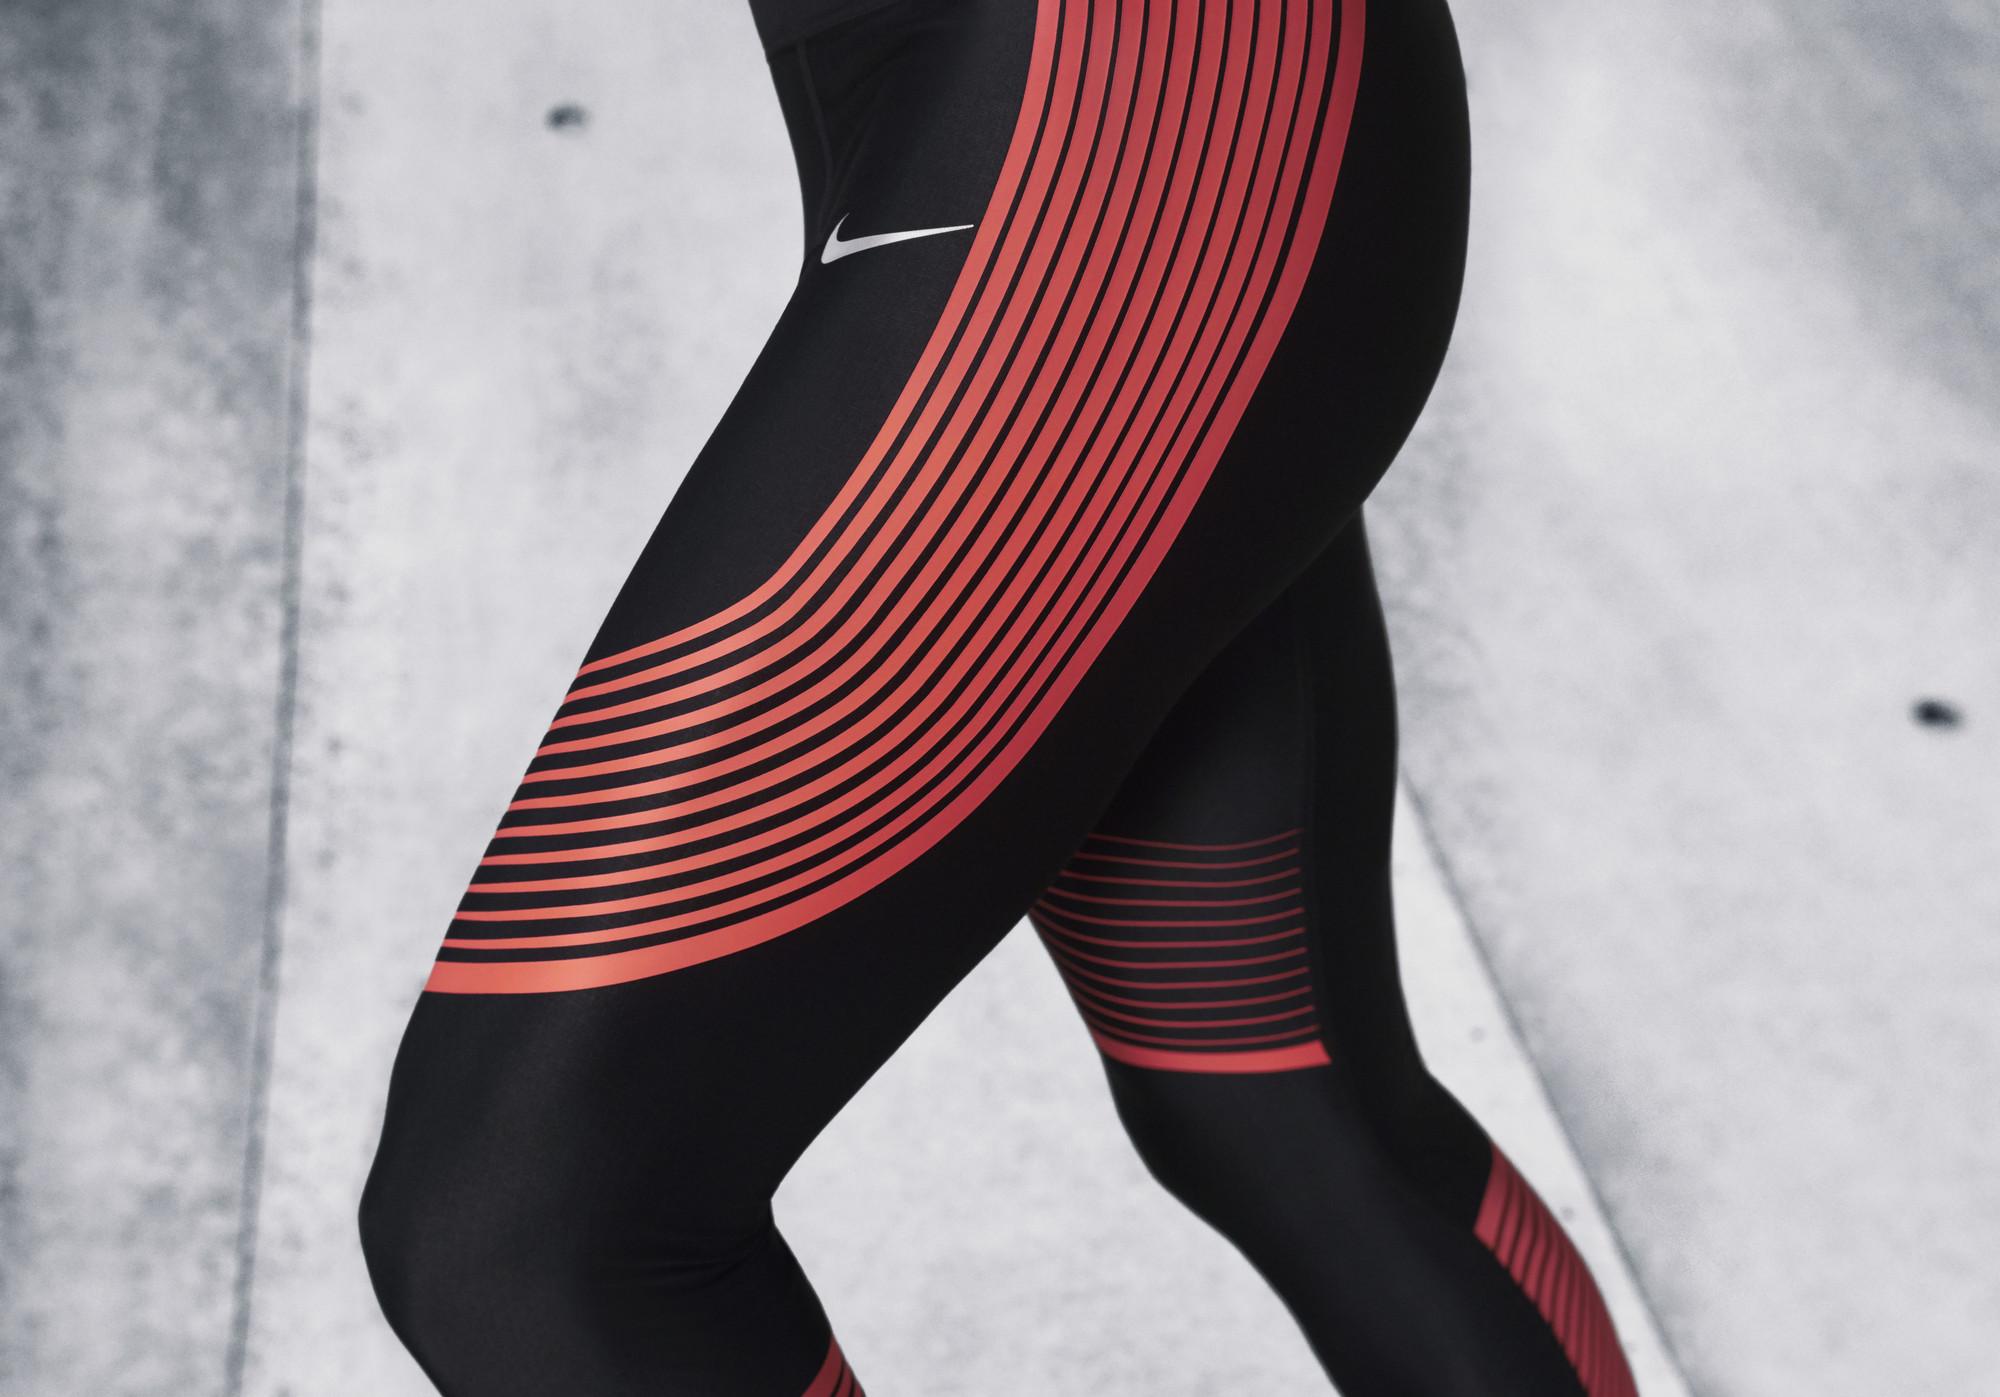 très bon marché jeu confortable Nike Chaussures Leggings Course Rouge Et Noir large éventail de débouché réel ybidr